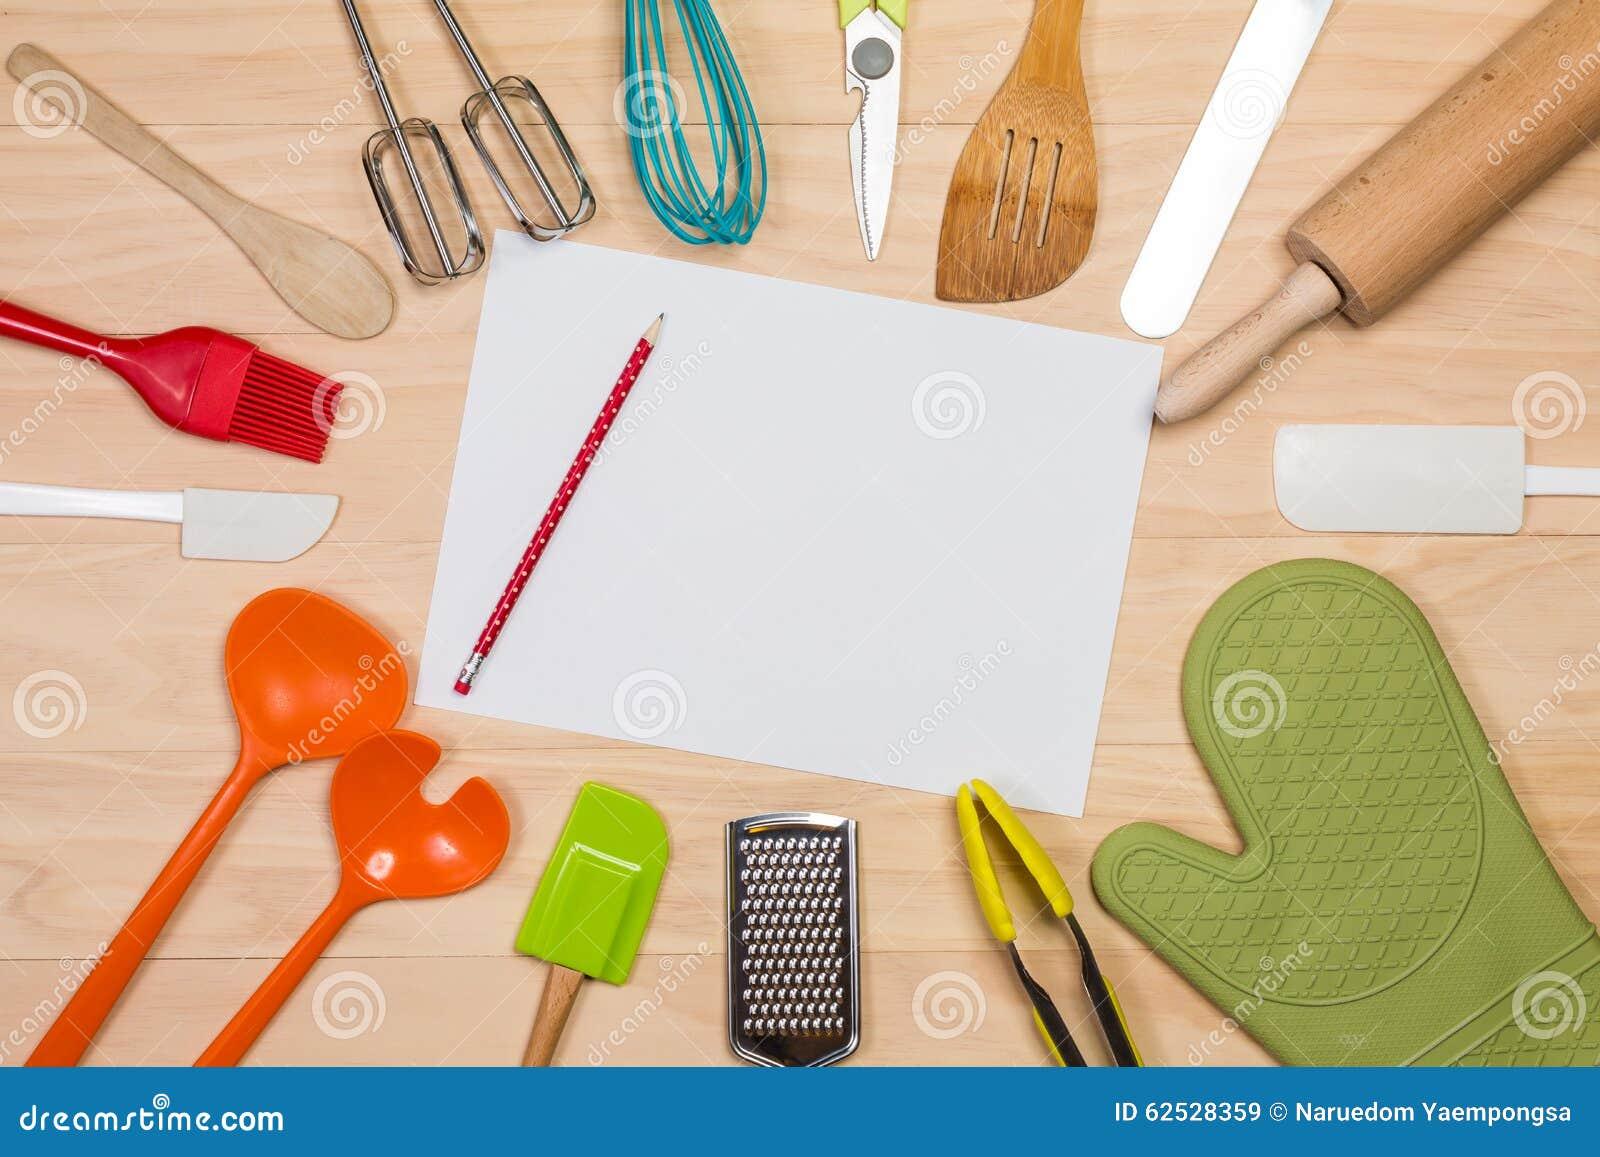 有白纸和铅笔的五颜六色的厨房器物